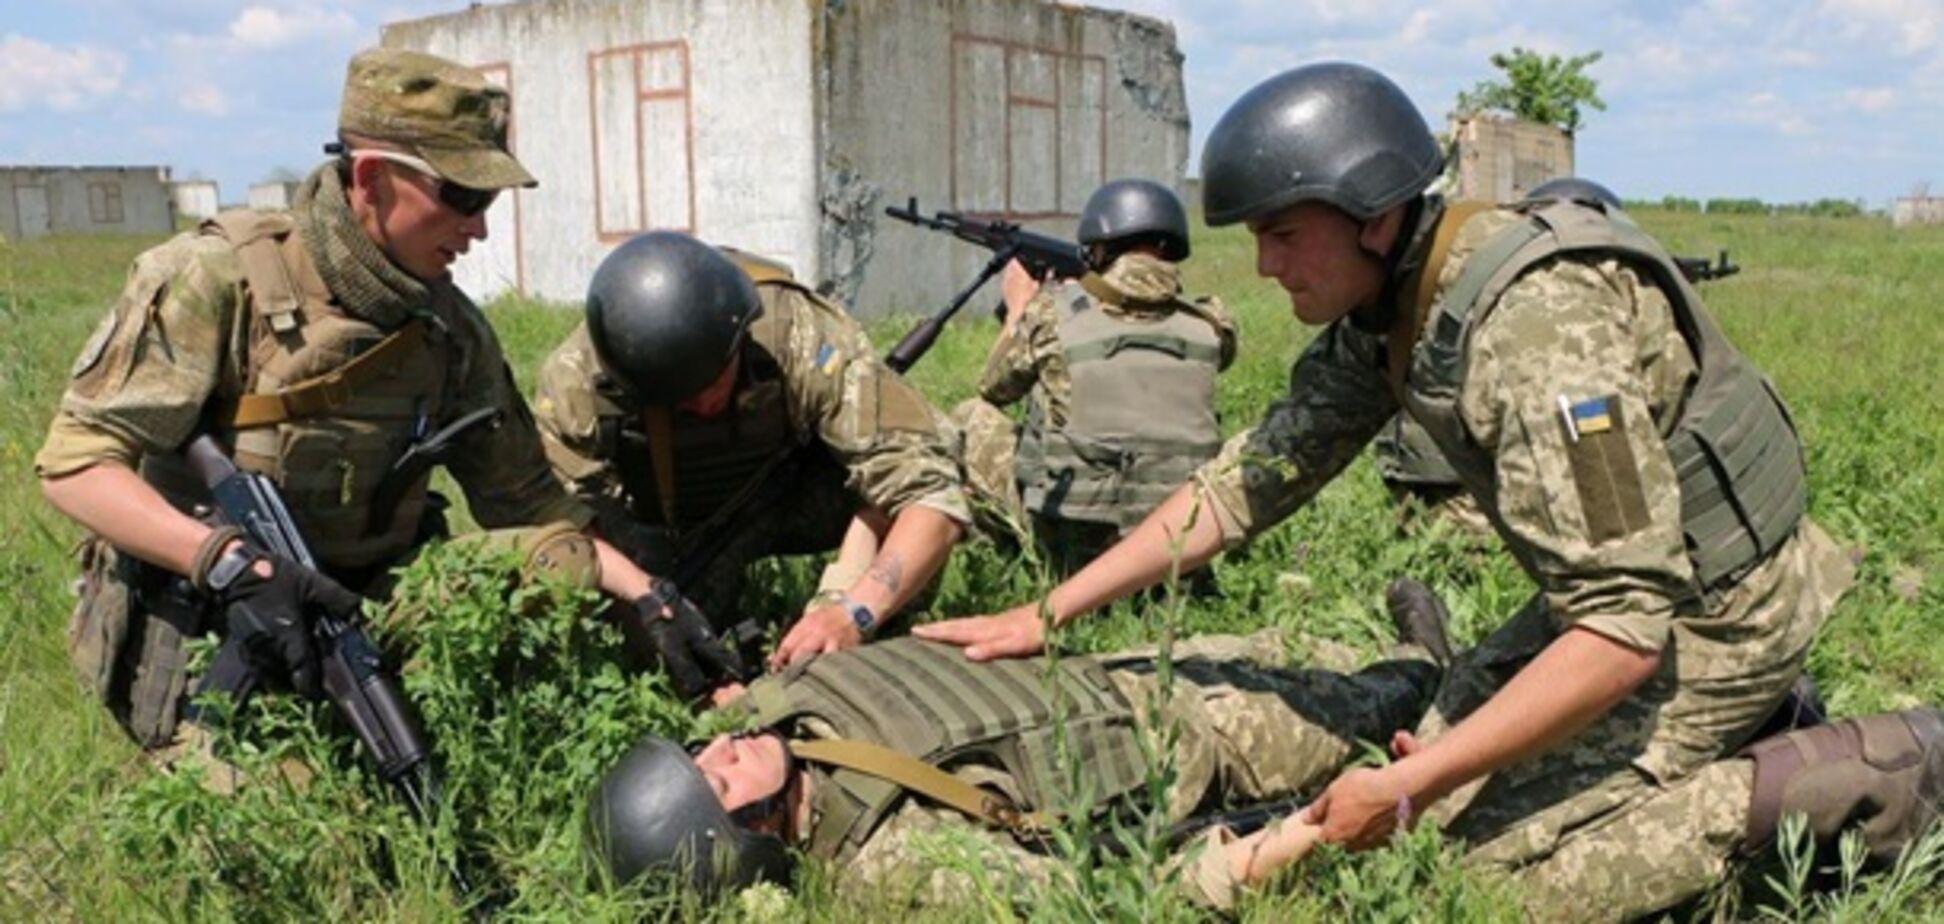 Воин ВСУ получил ранения во время обстрела вблизи Луганского на Донбассе